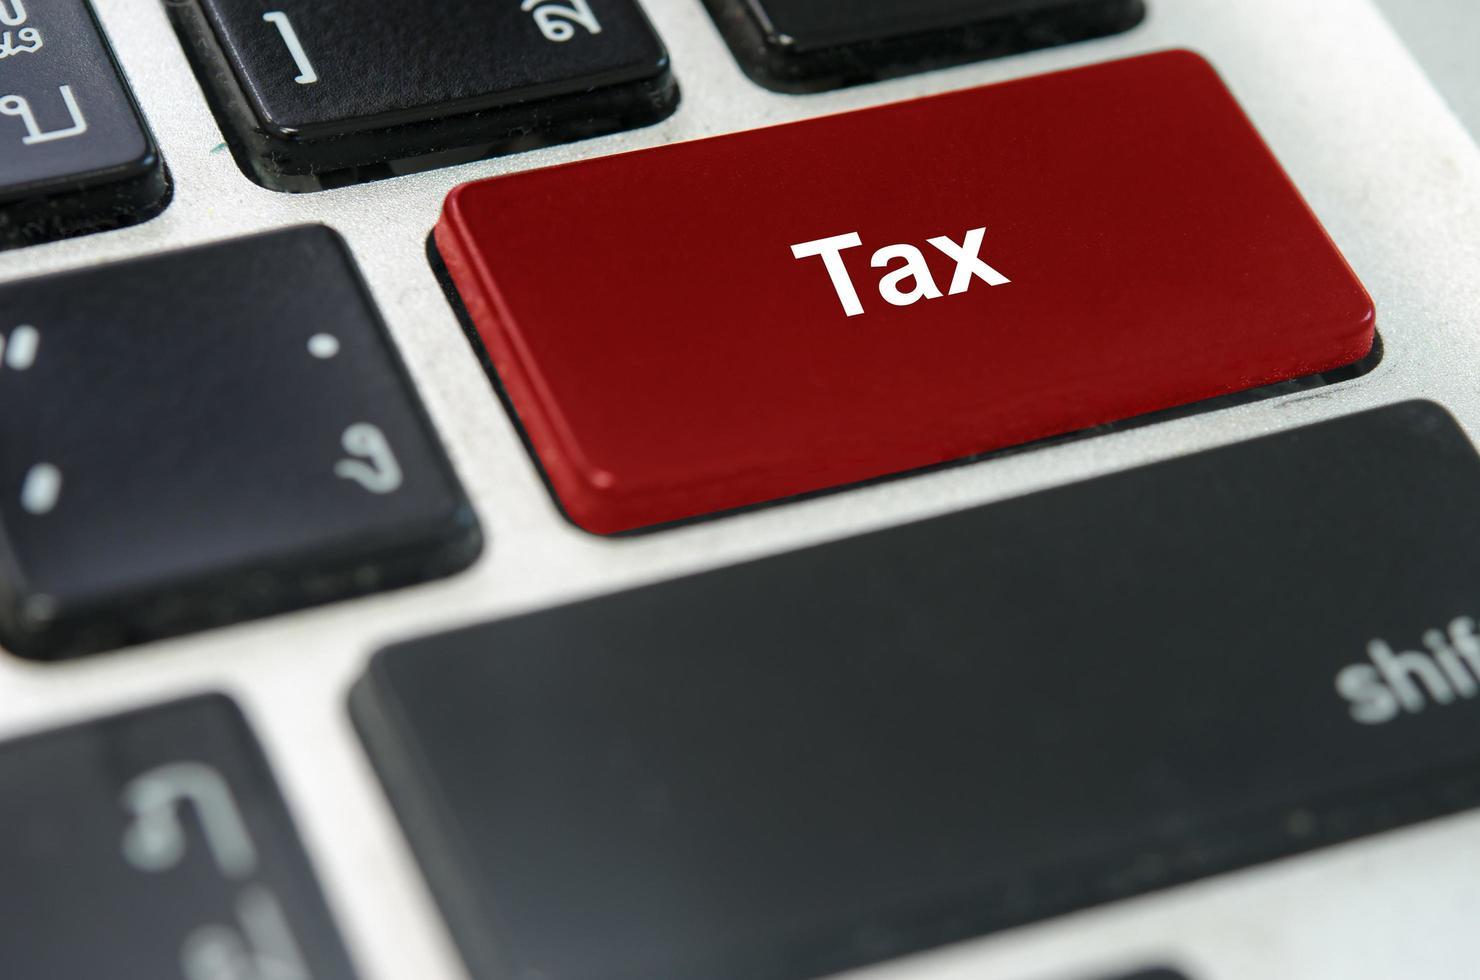 pulsante fiscale su una tastiera foto